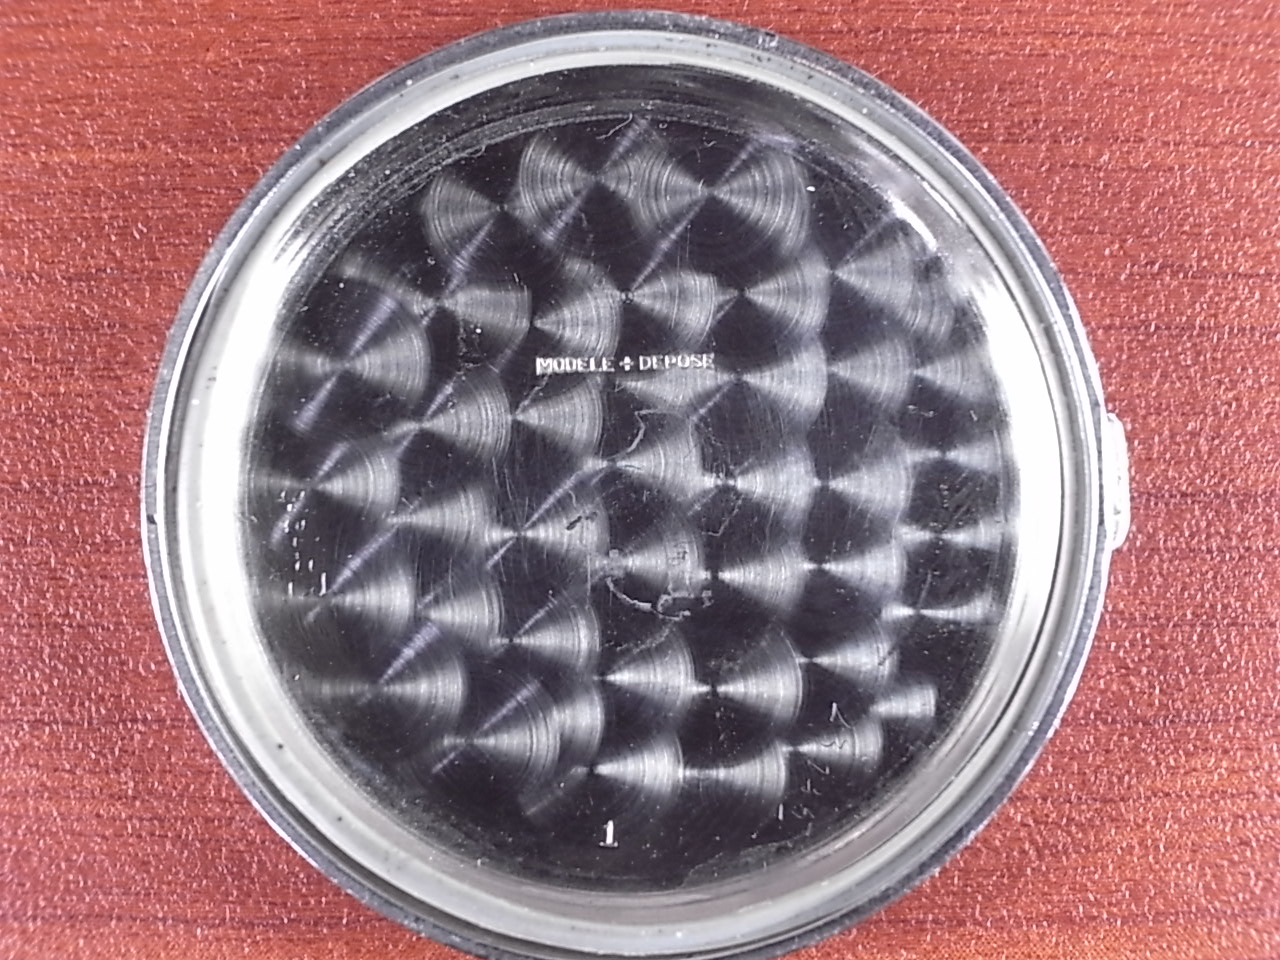 ノーブランド 縦目クロノグラフ ヴィーナス170 ブラックダイアル 1940年代の写真6枚目